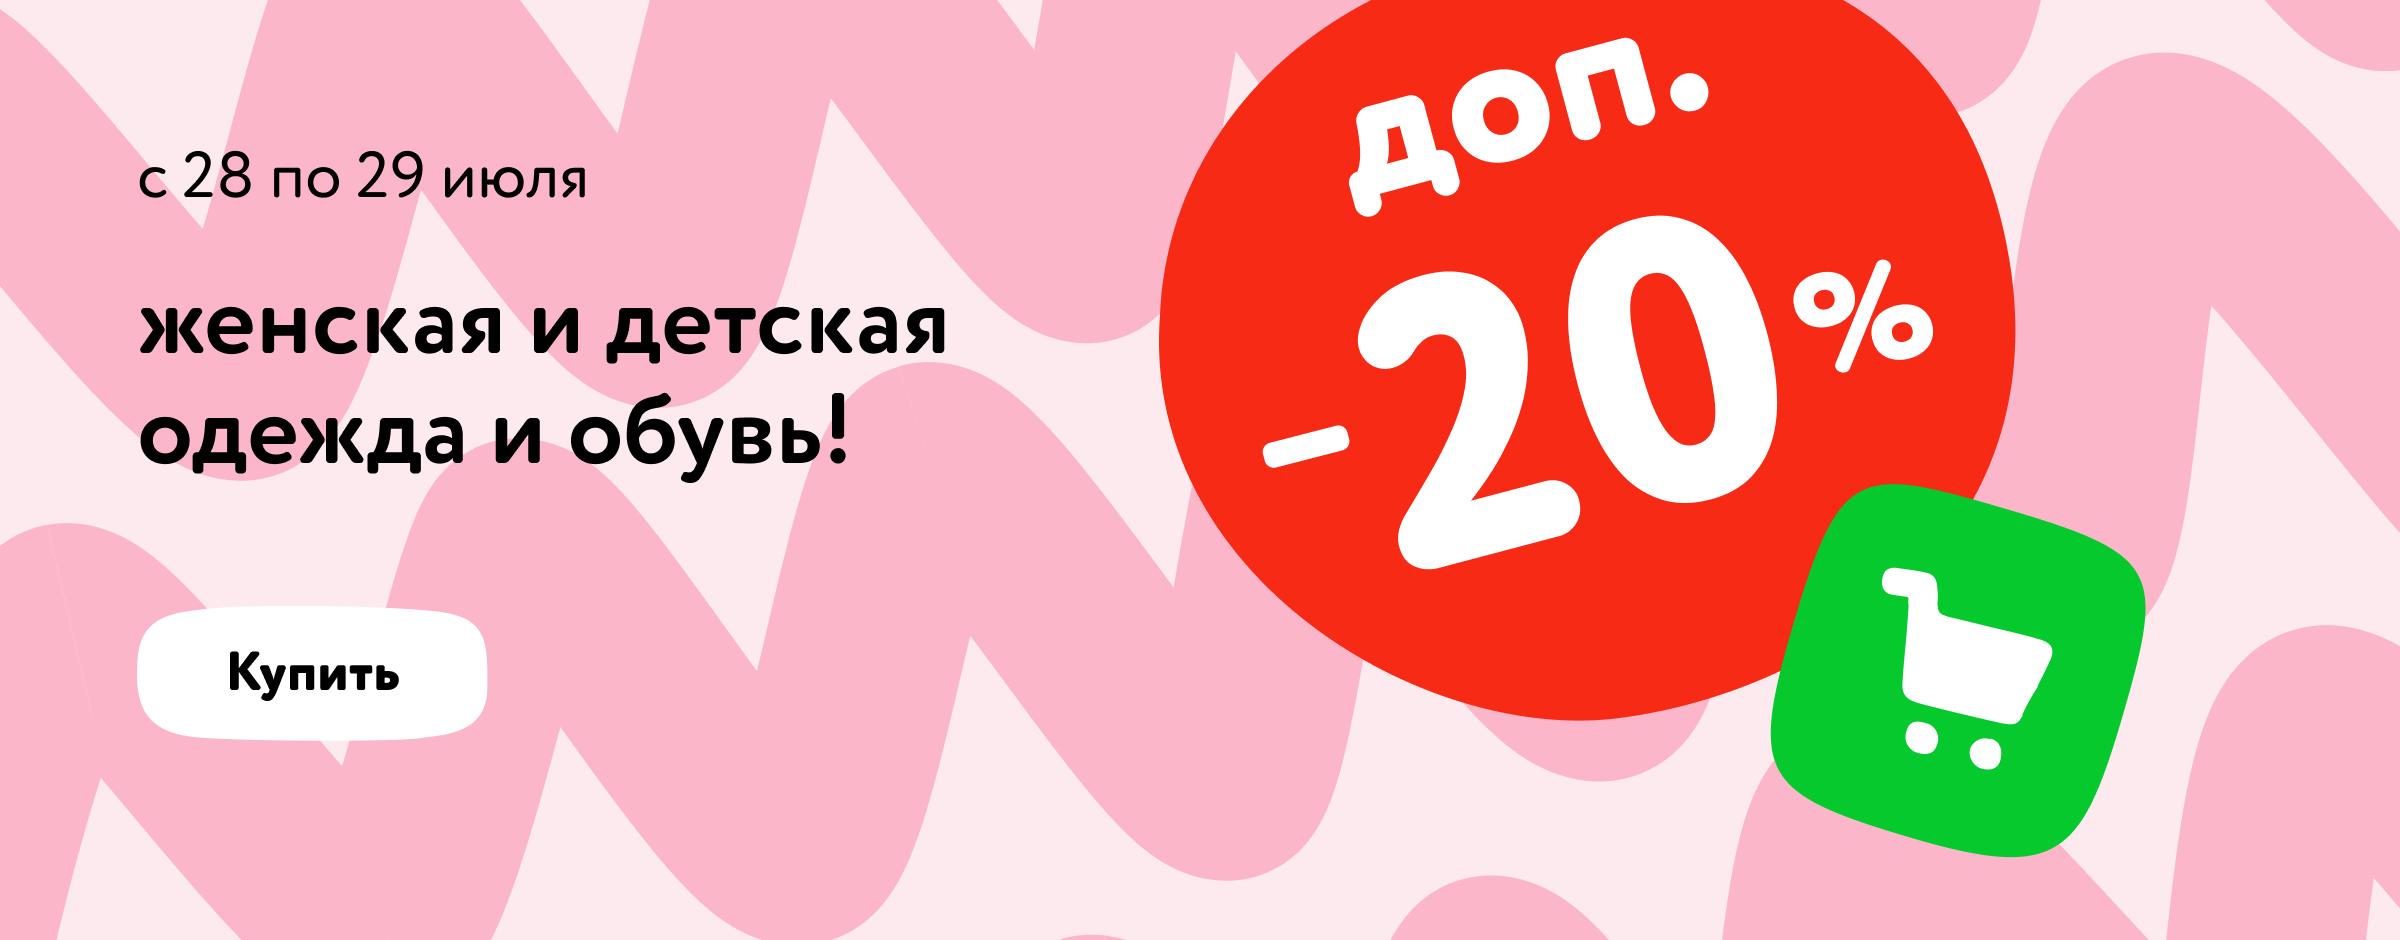 Доп. скидка 20% на женскую и детскую одежду и обувь в корзине